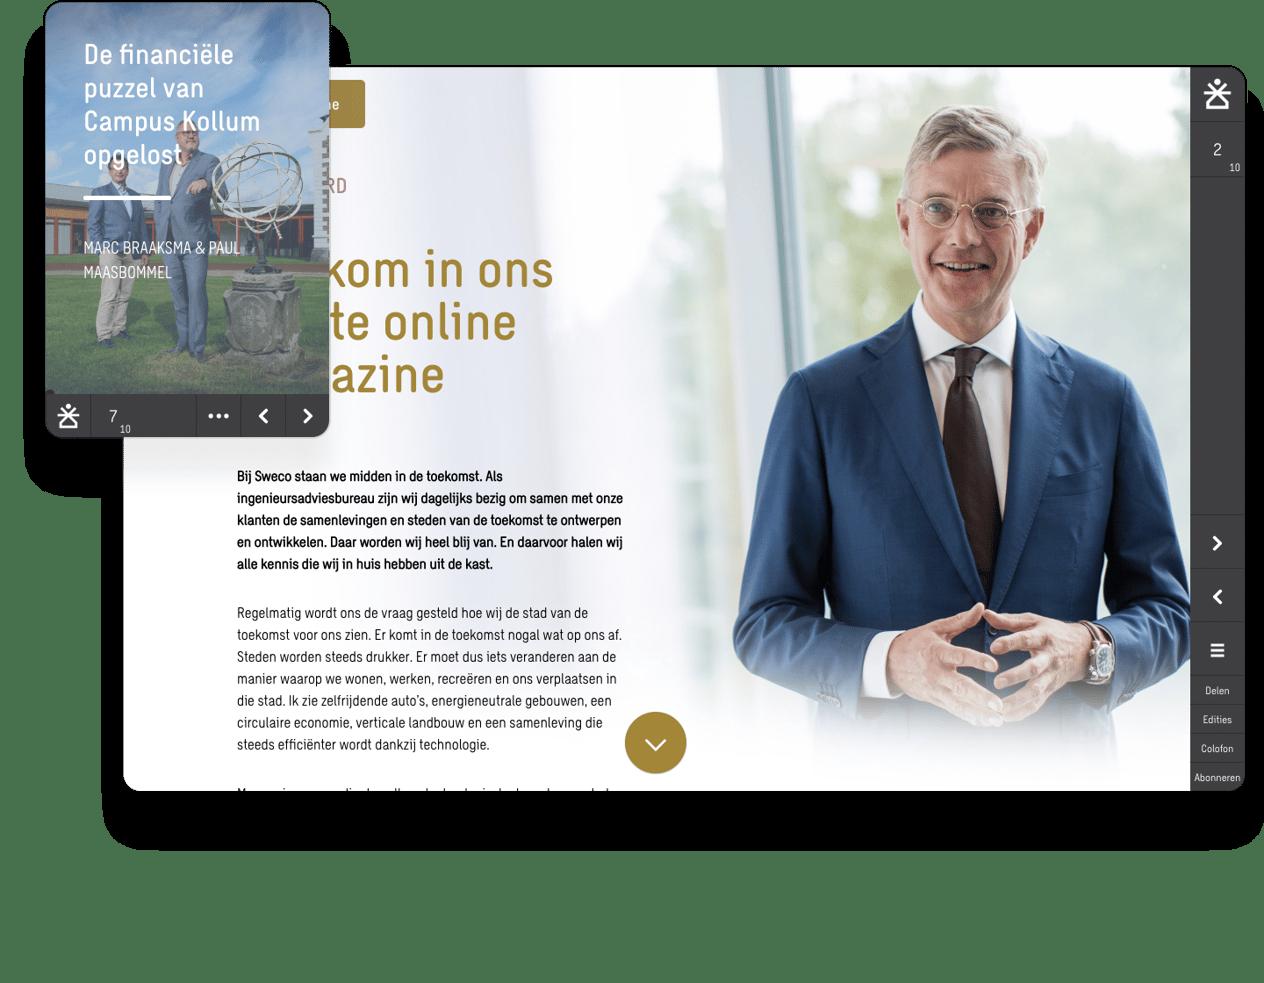 Interactive online magazine example